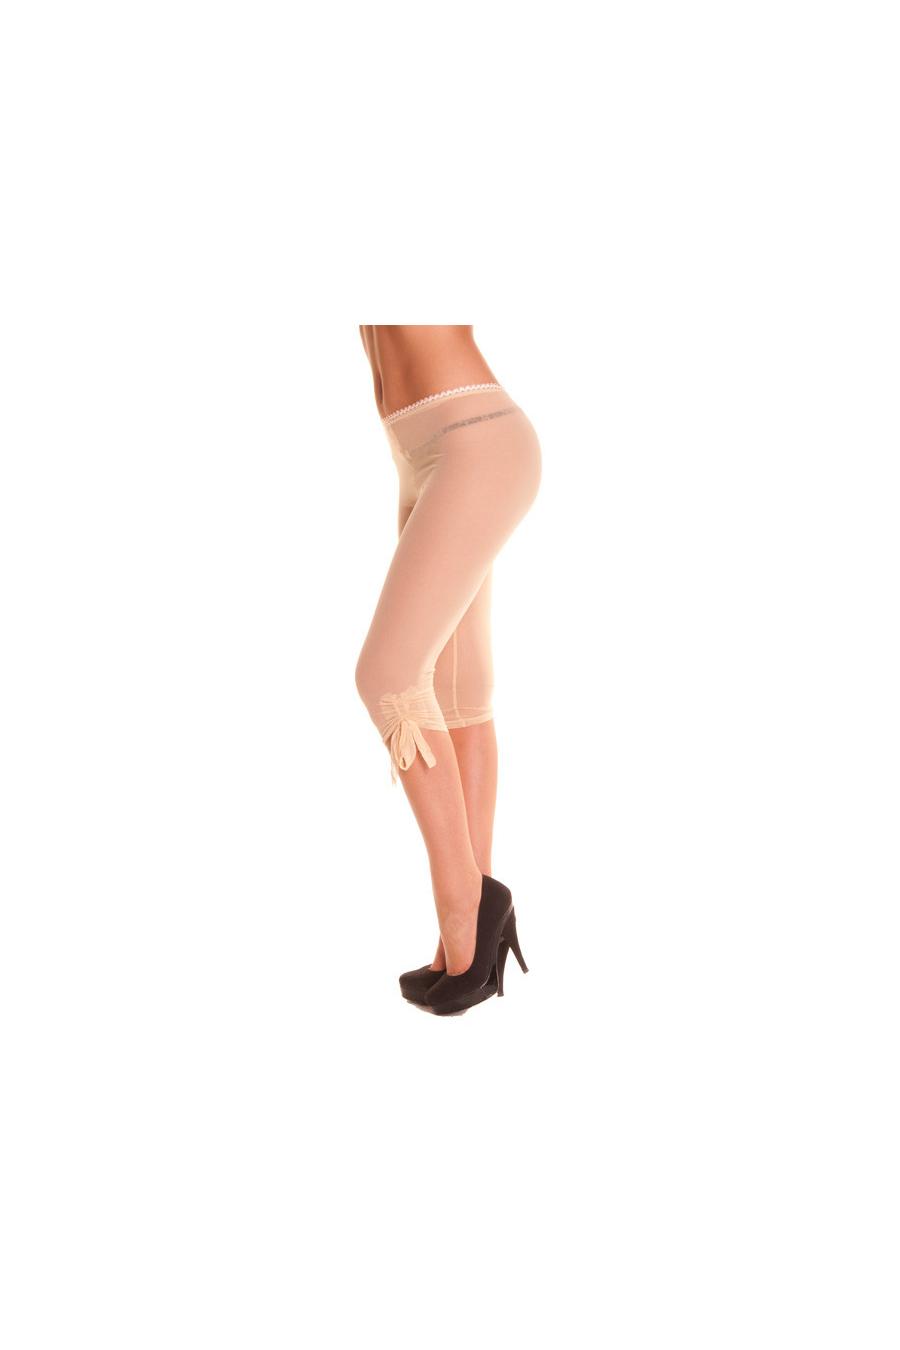 Transparante legging met knoop op de knieën.